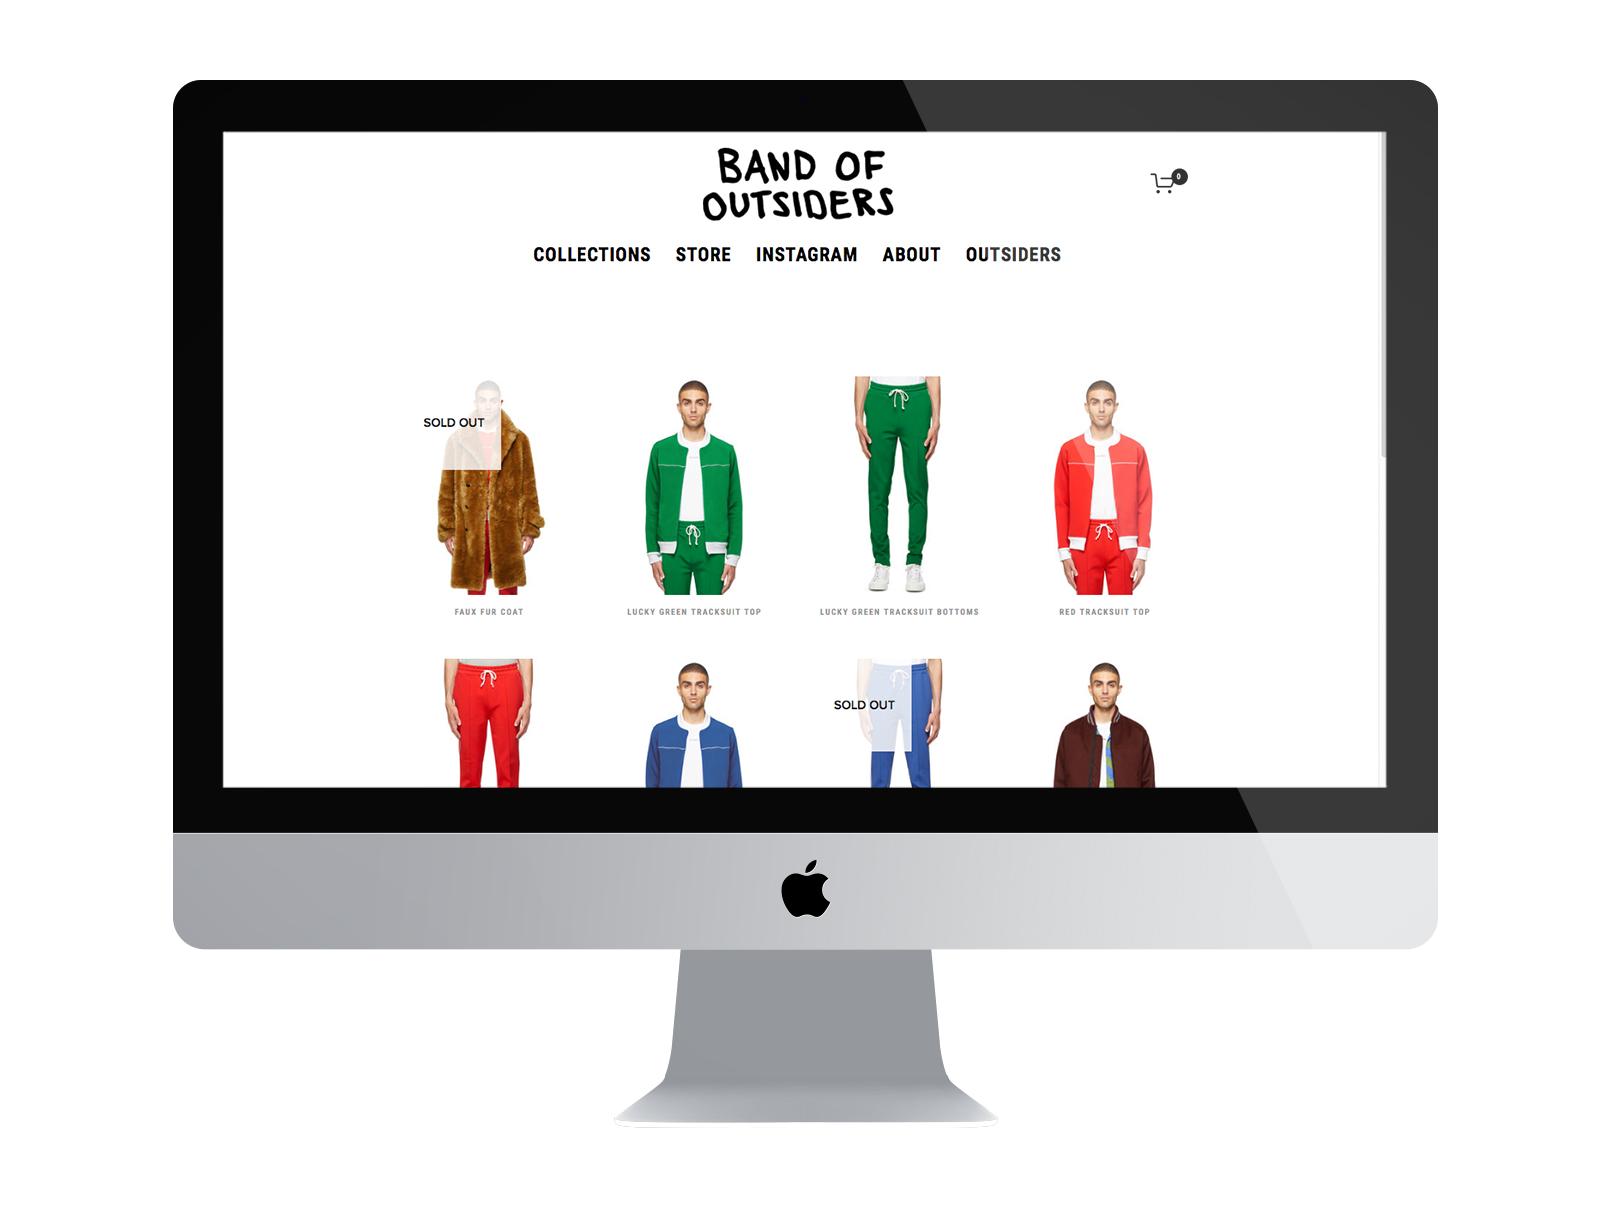 website-band-of-outsiders-sander-gee-3.jpg